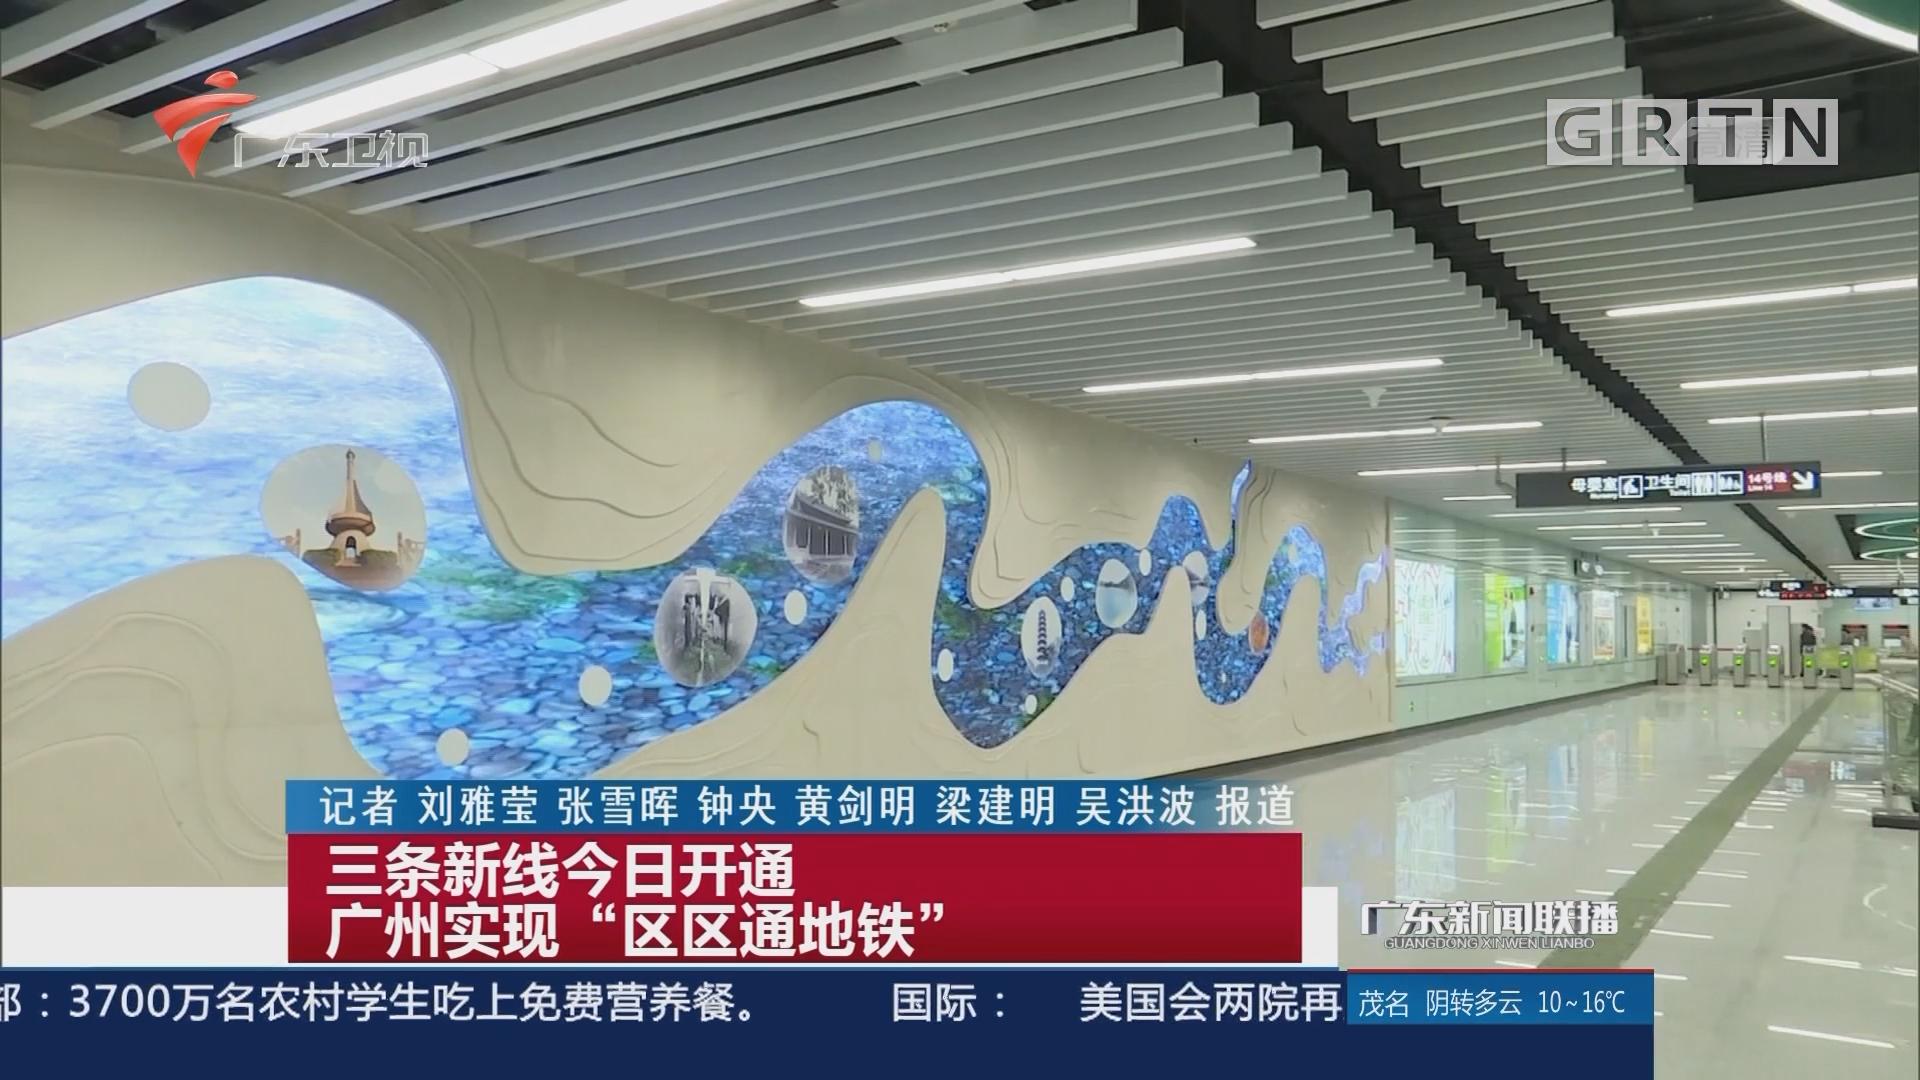 """三条新线今日开通 广州实现""""区区通地铁"""""""